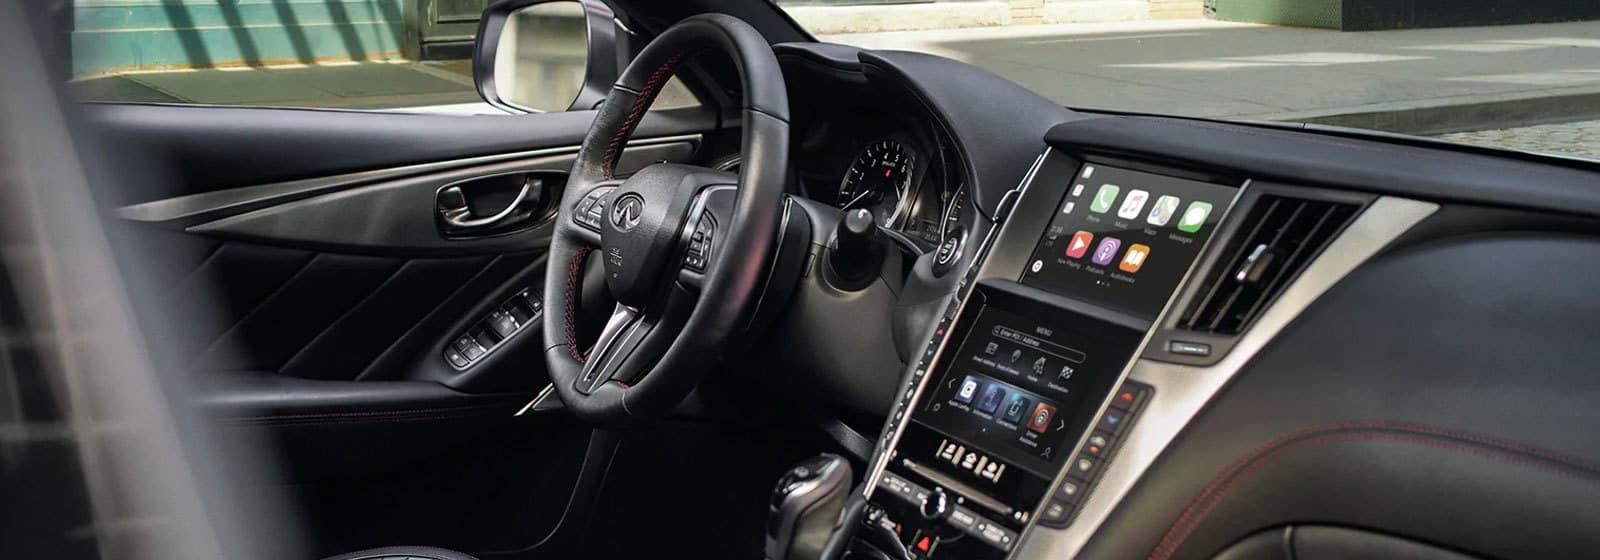 INFINITI vehicle interior